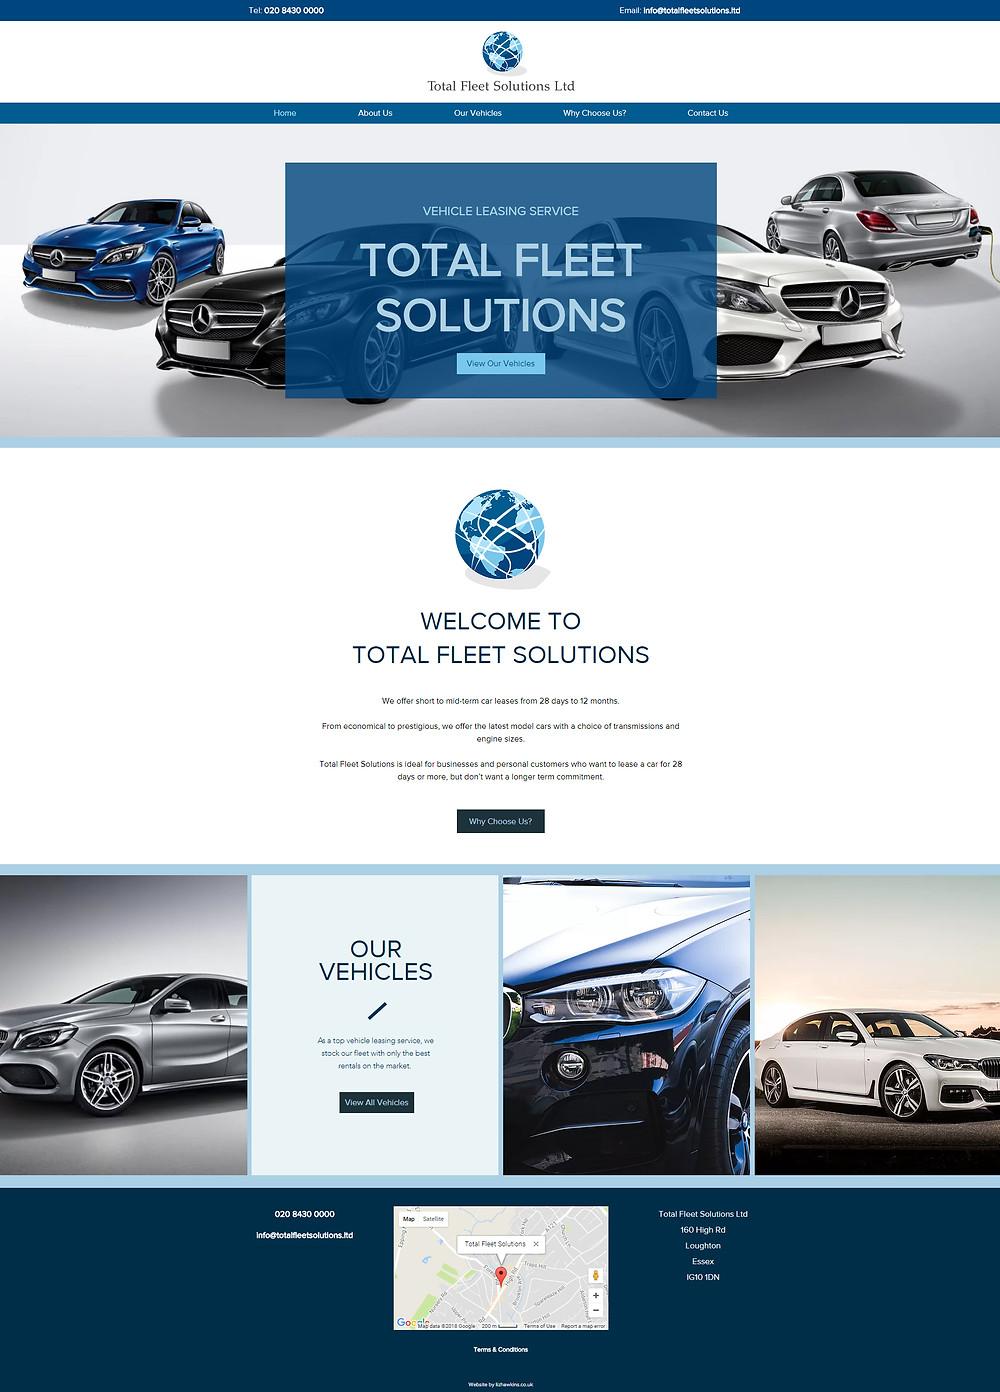 Total Fleet Solutions